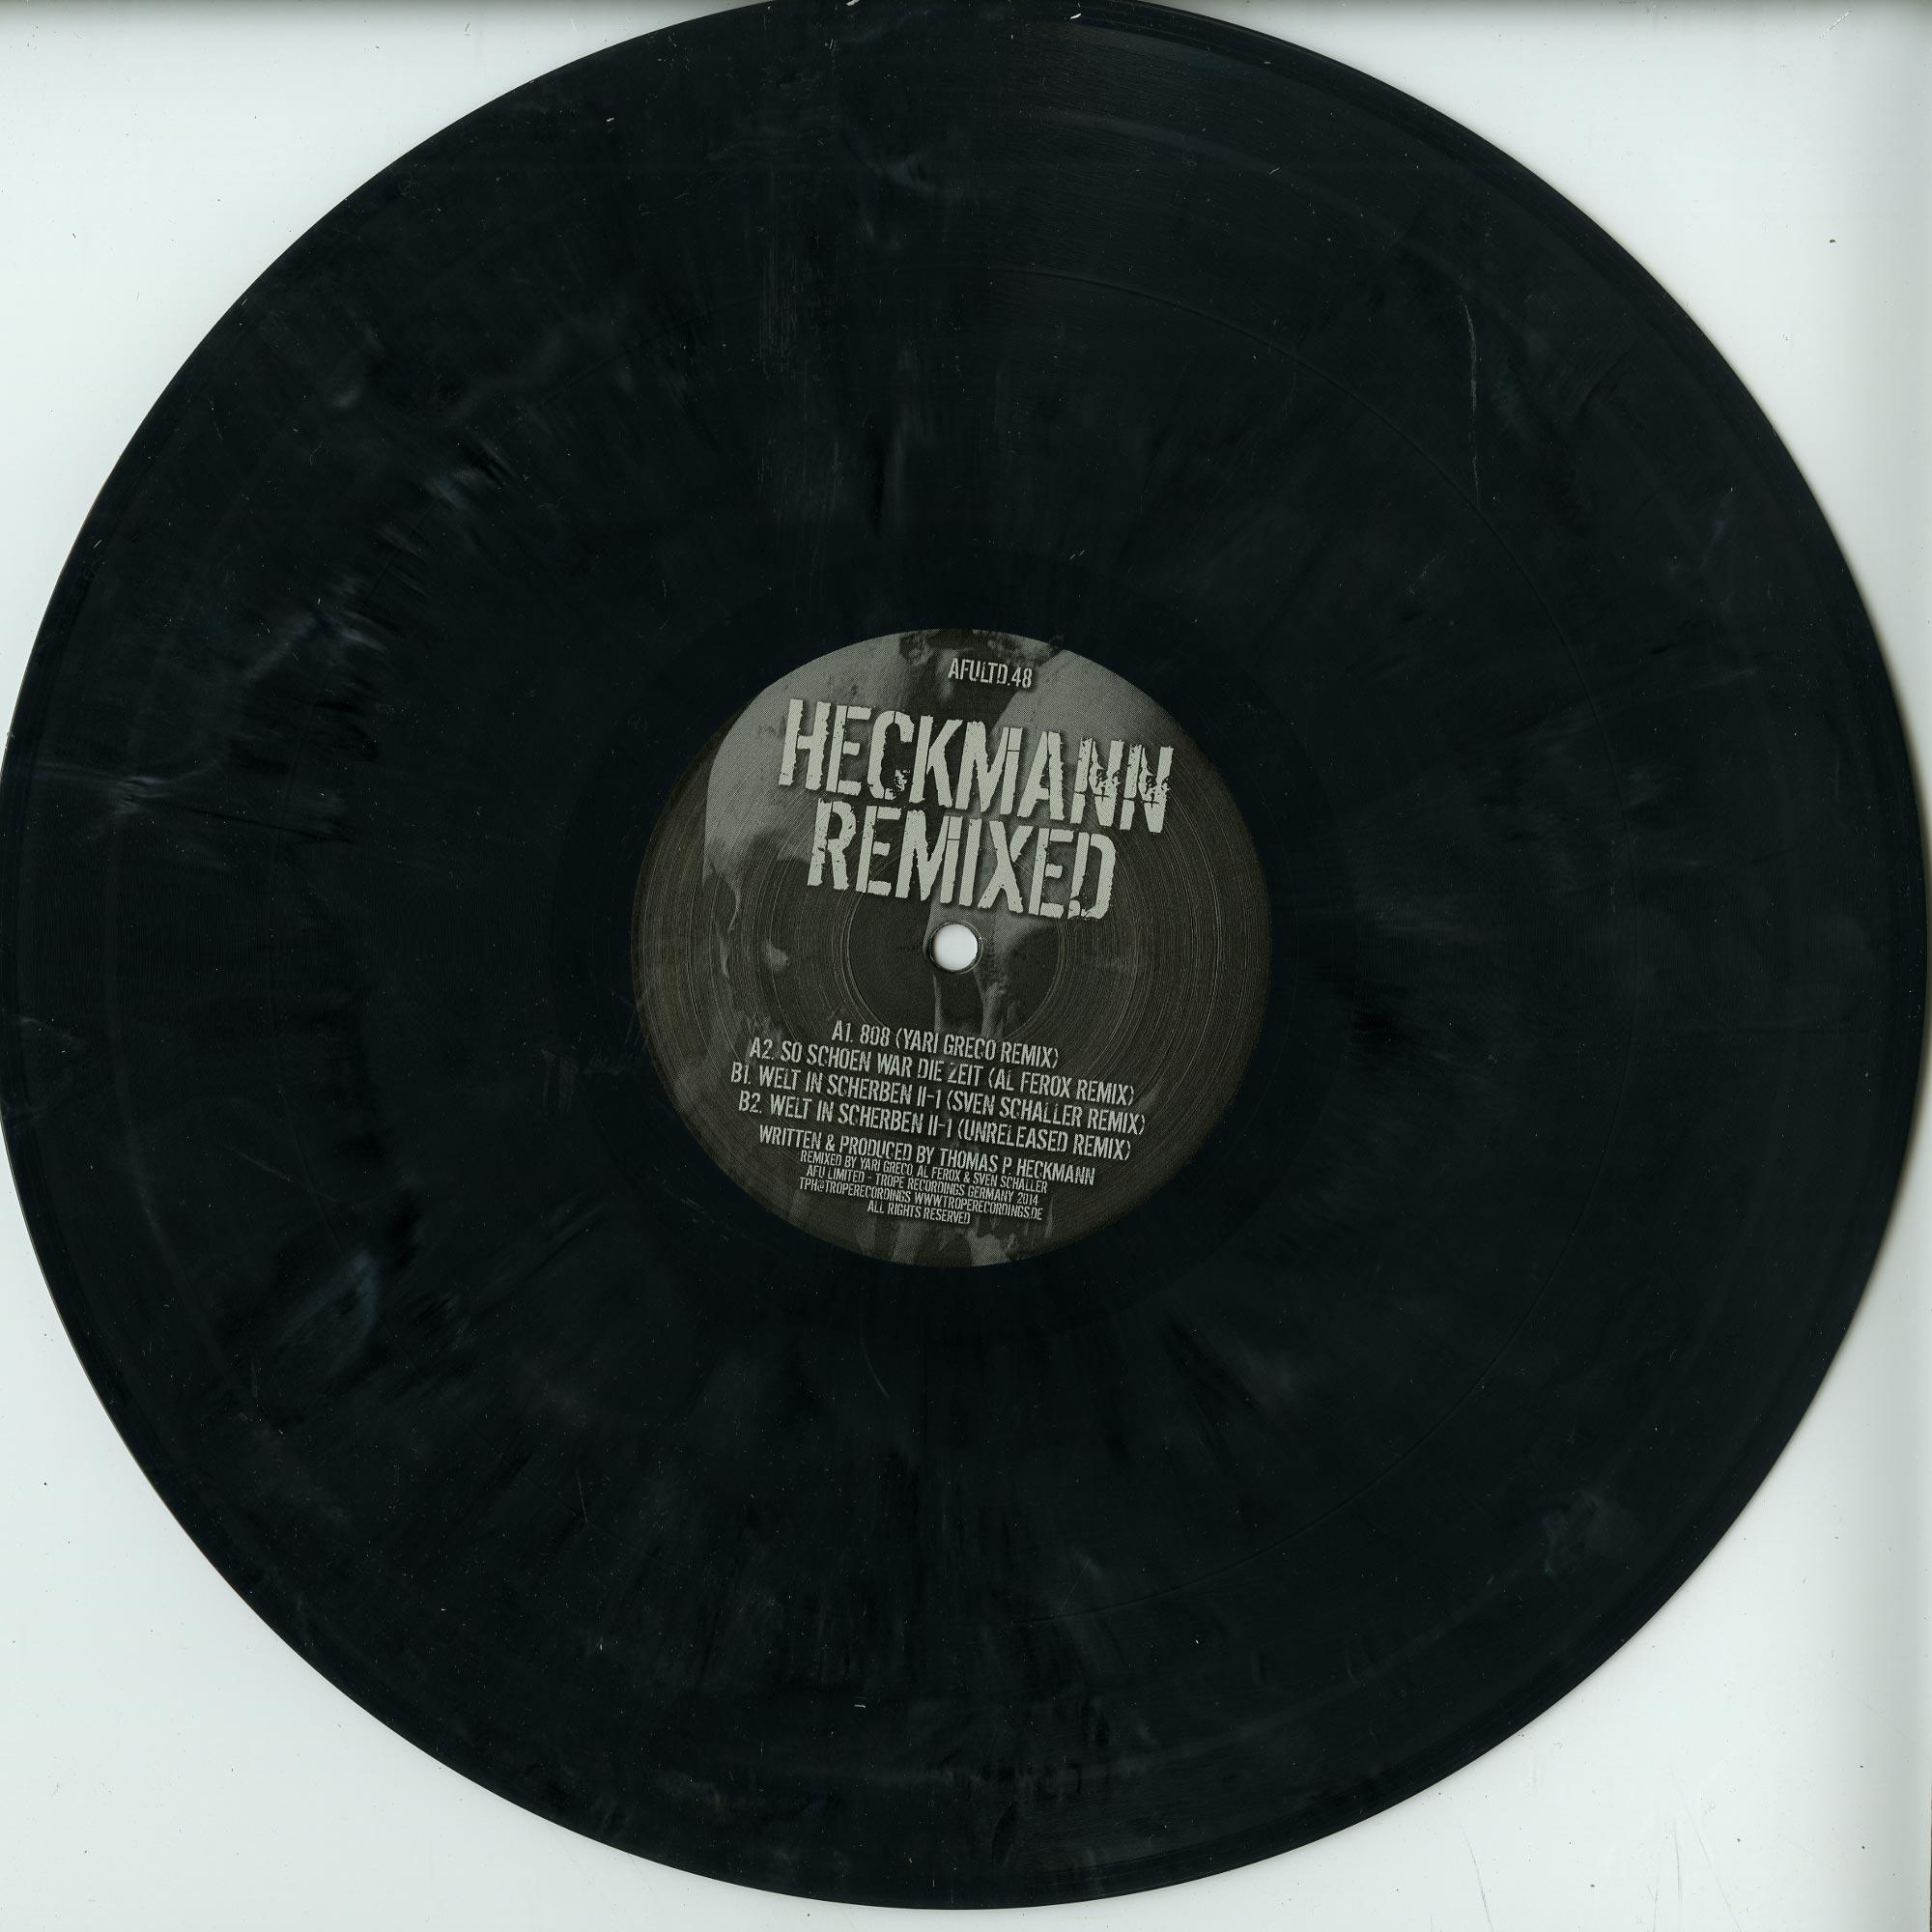 Heckmann - REMIXED